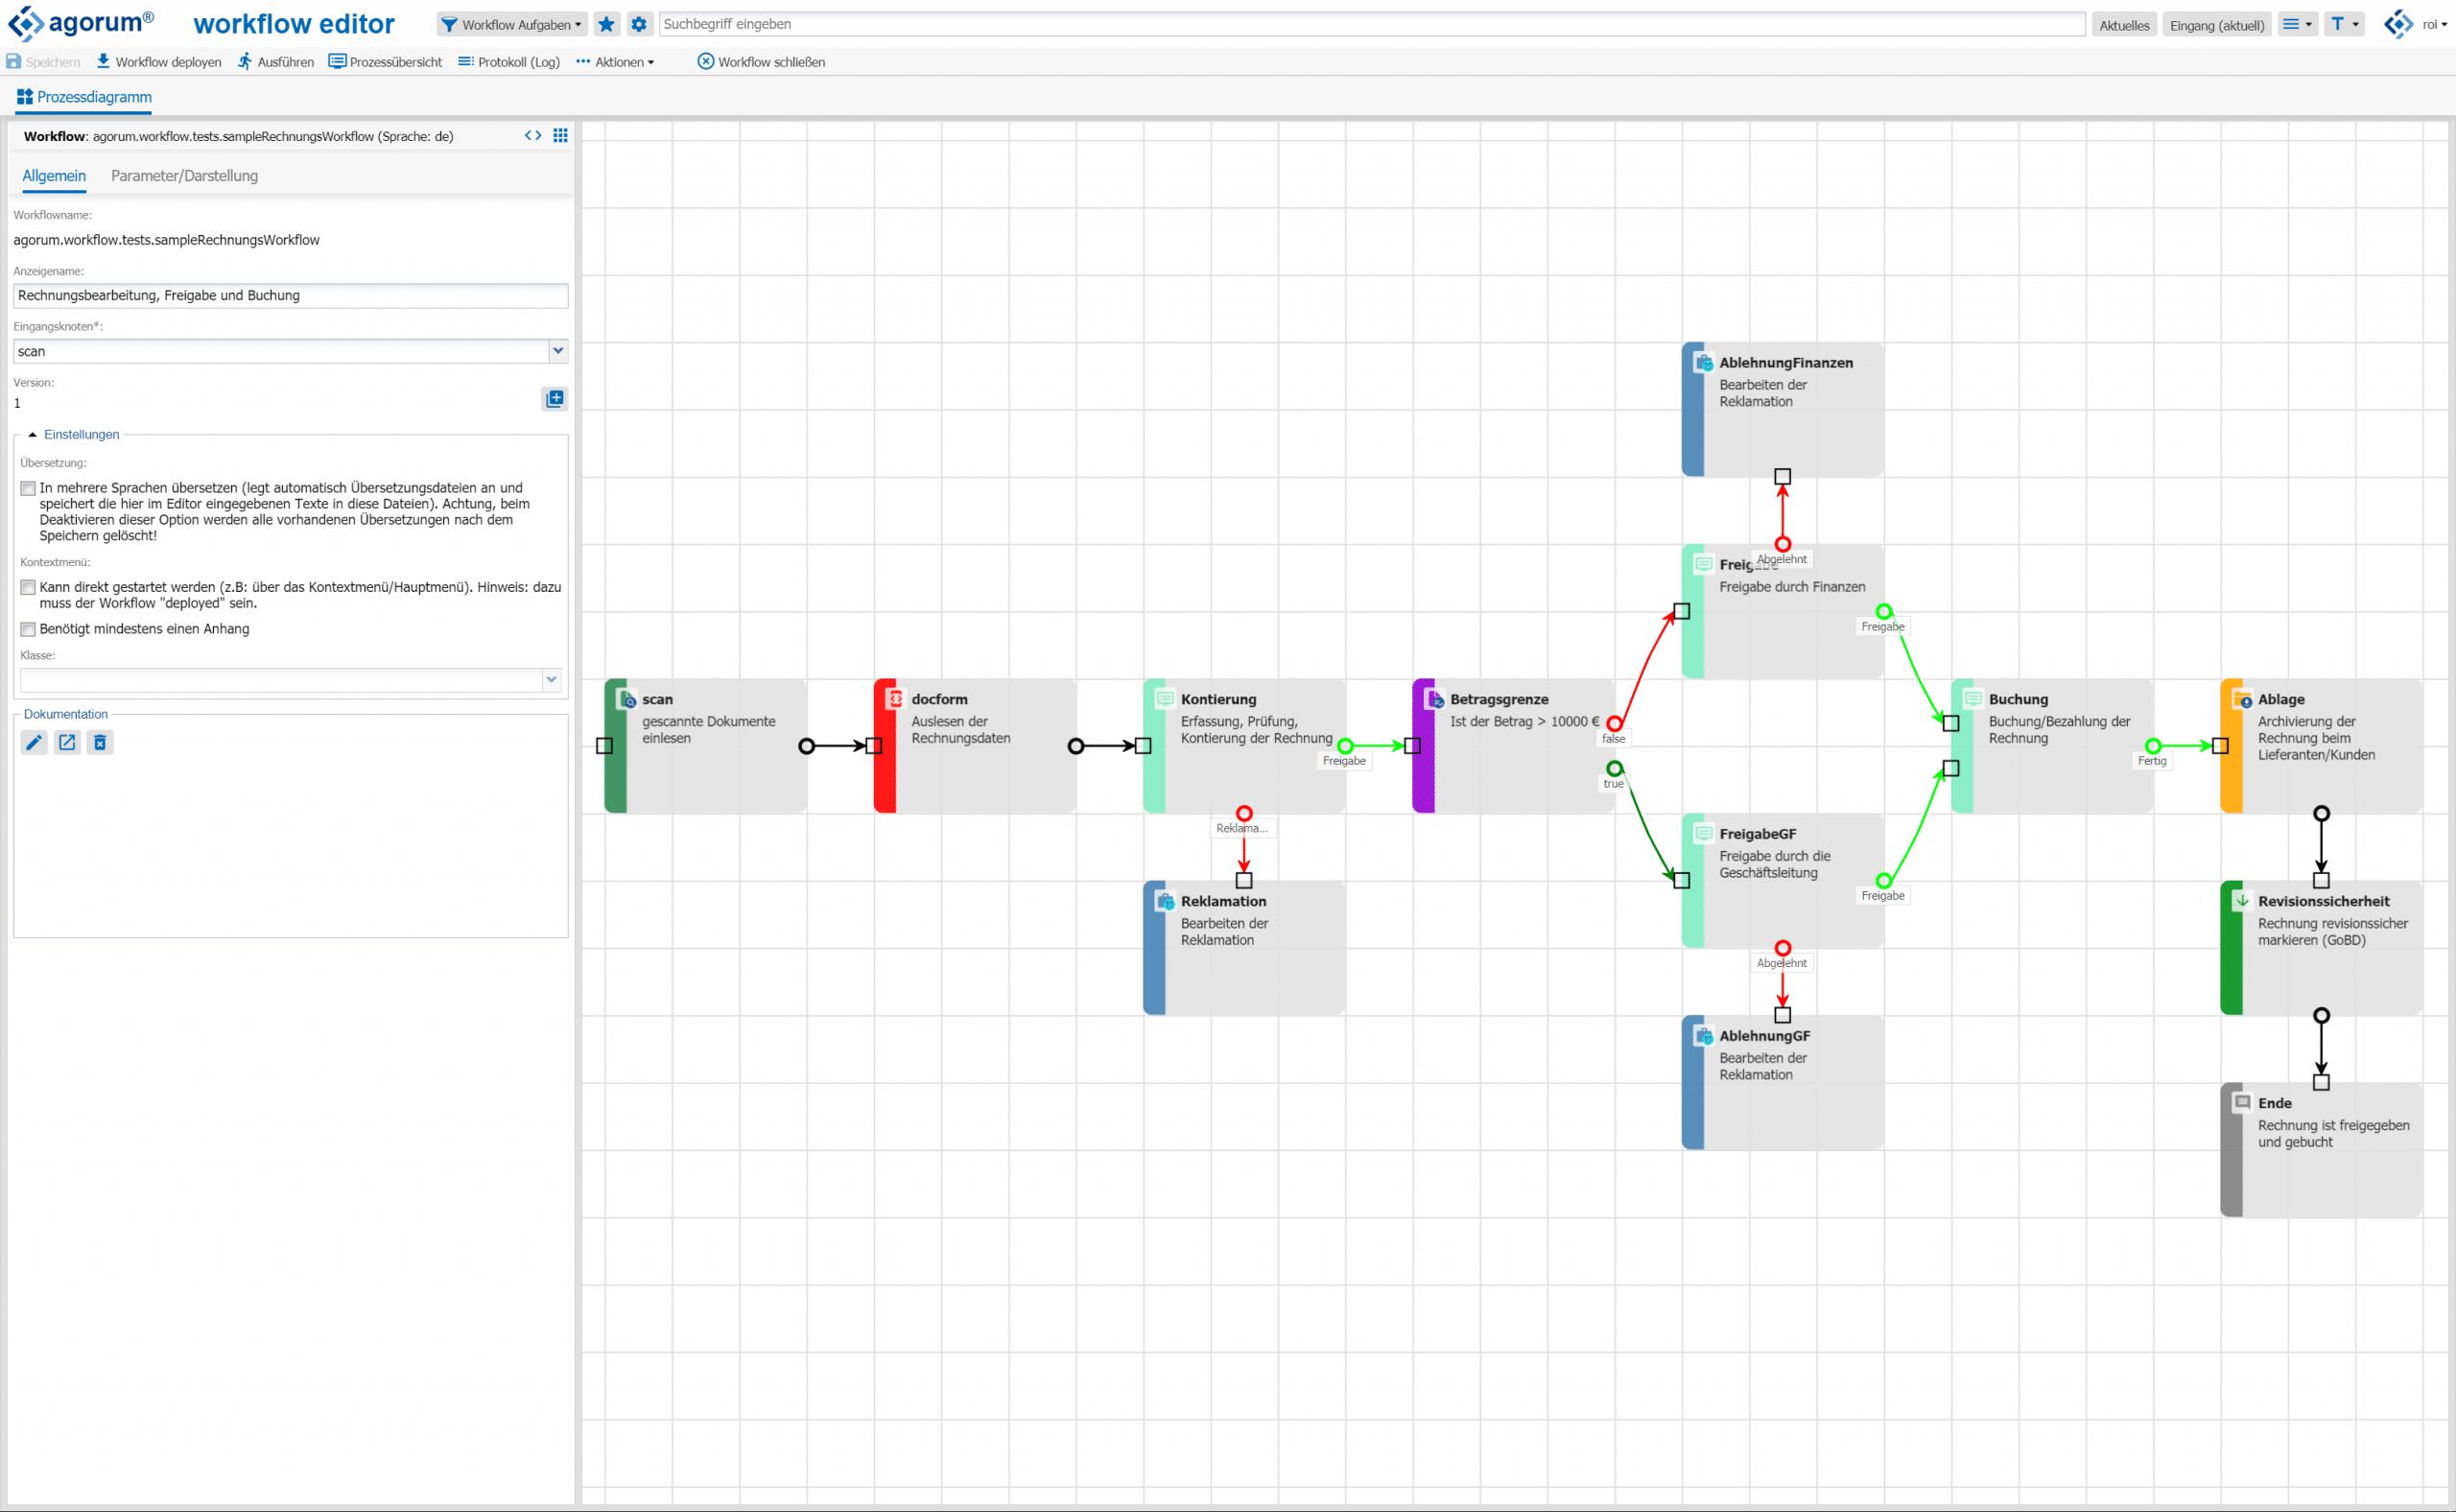 Open Source Dokumentenmanagement - Geschäftsprozesse automatisieren mit agorum core workflow